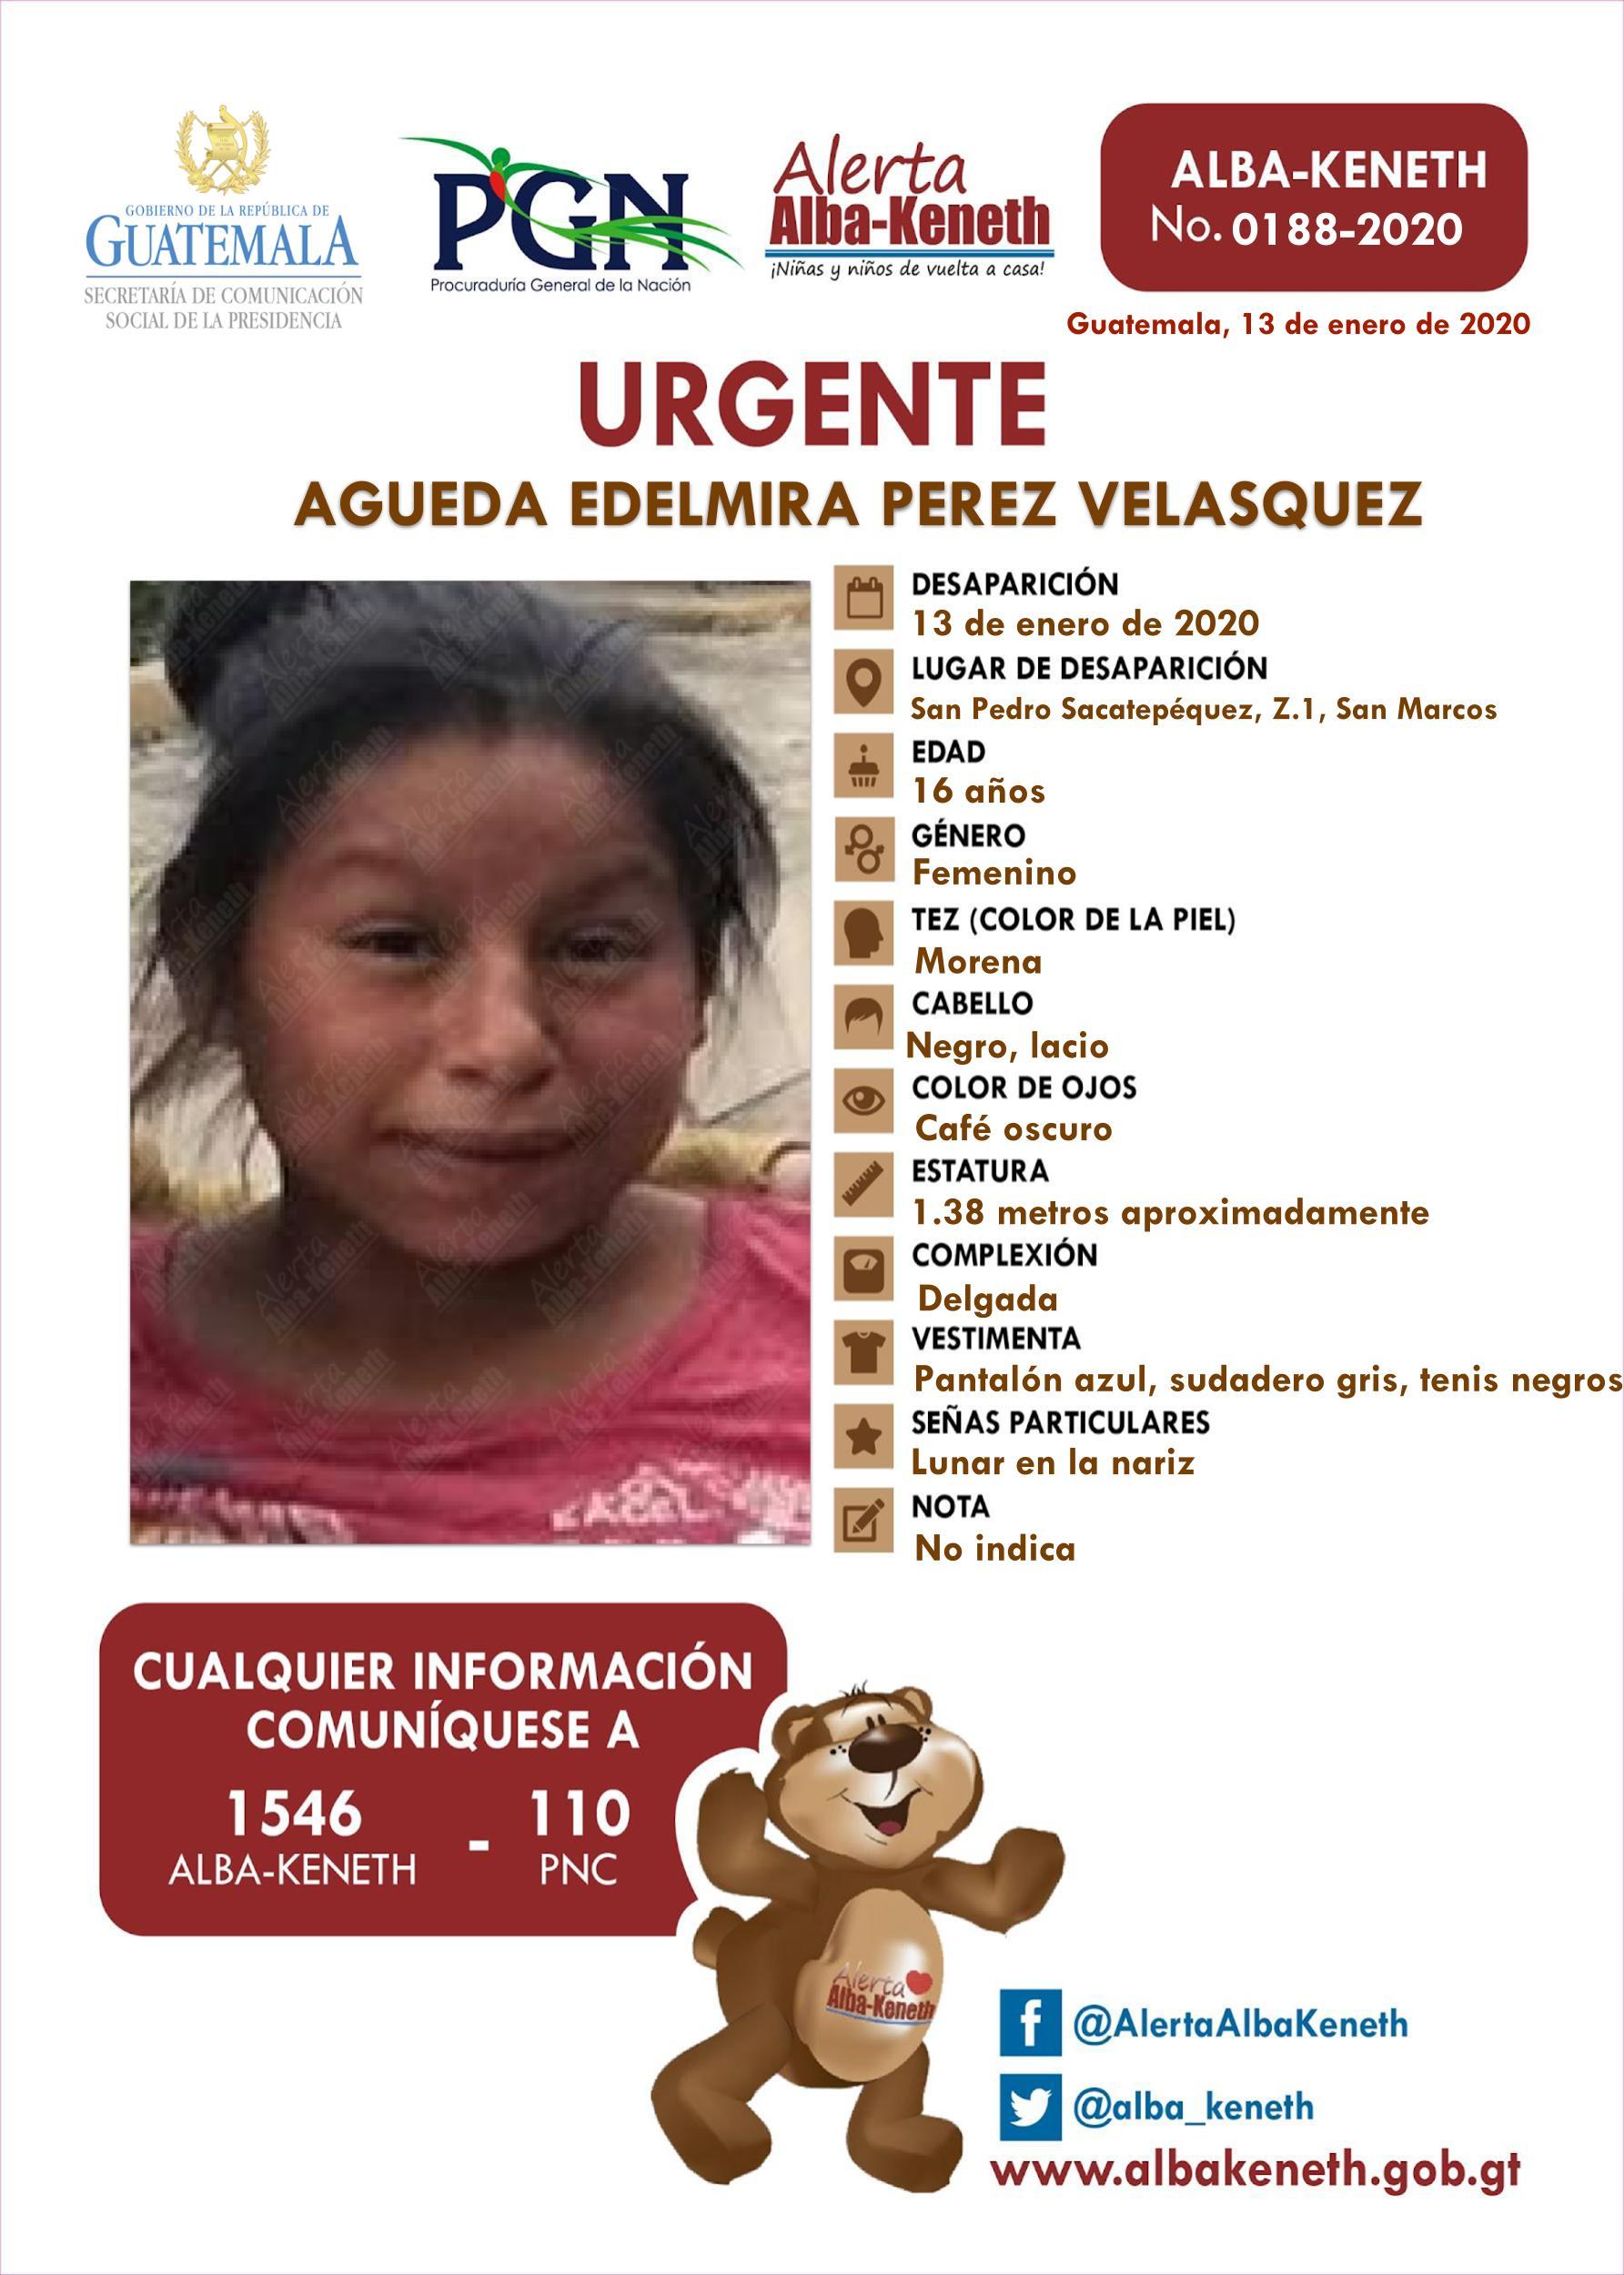 Agueda Edelmira Perez Velasquez